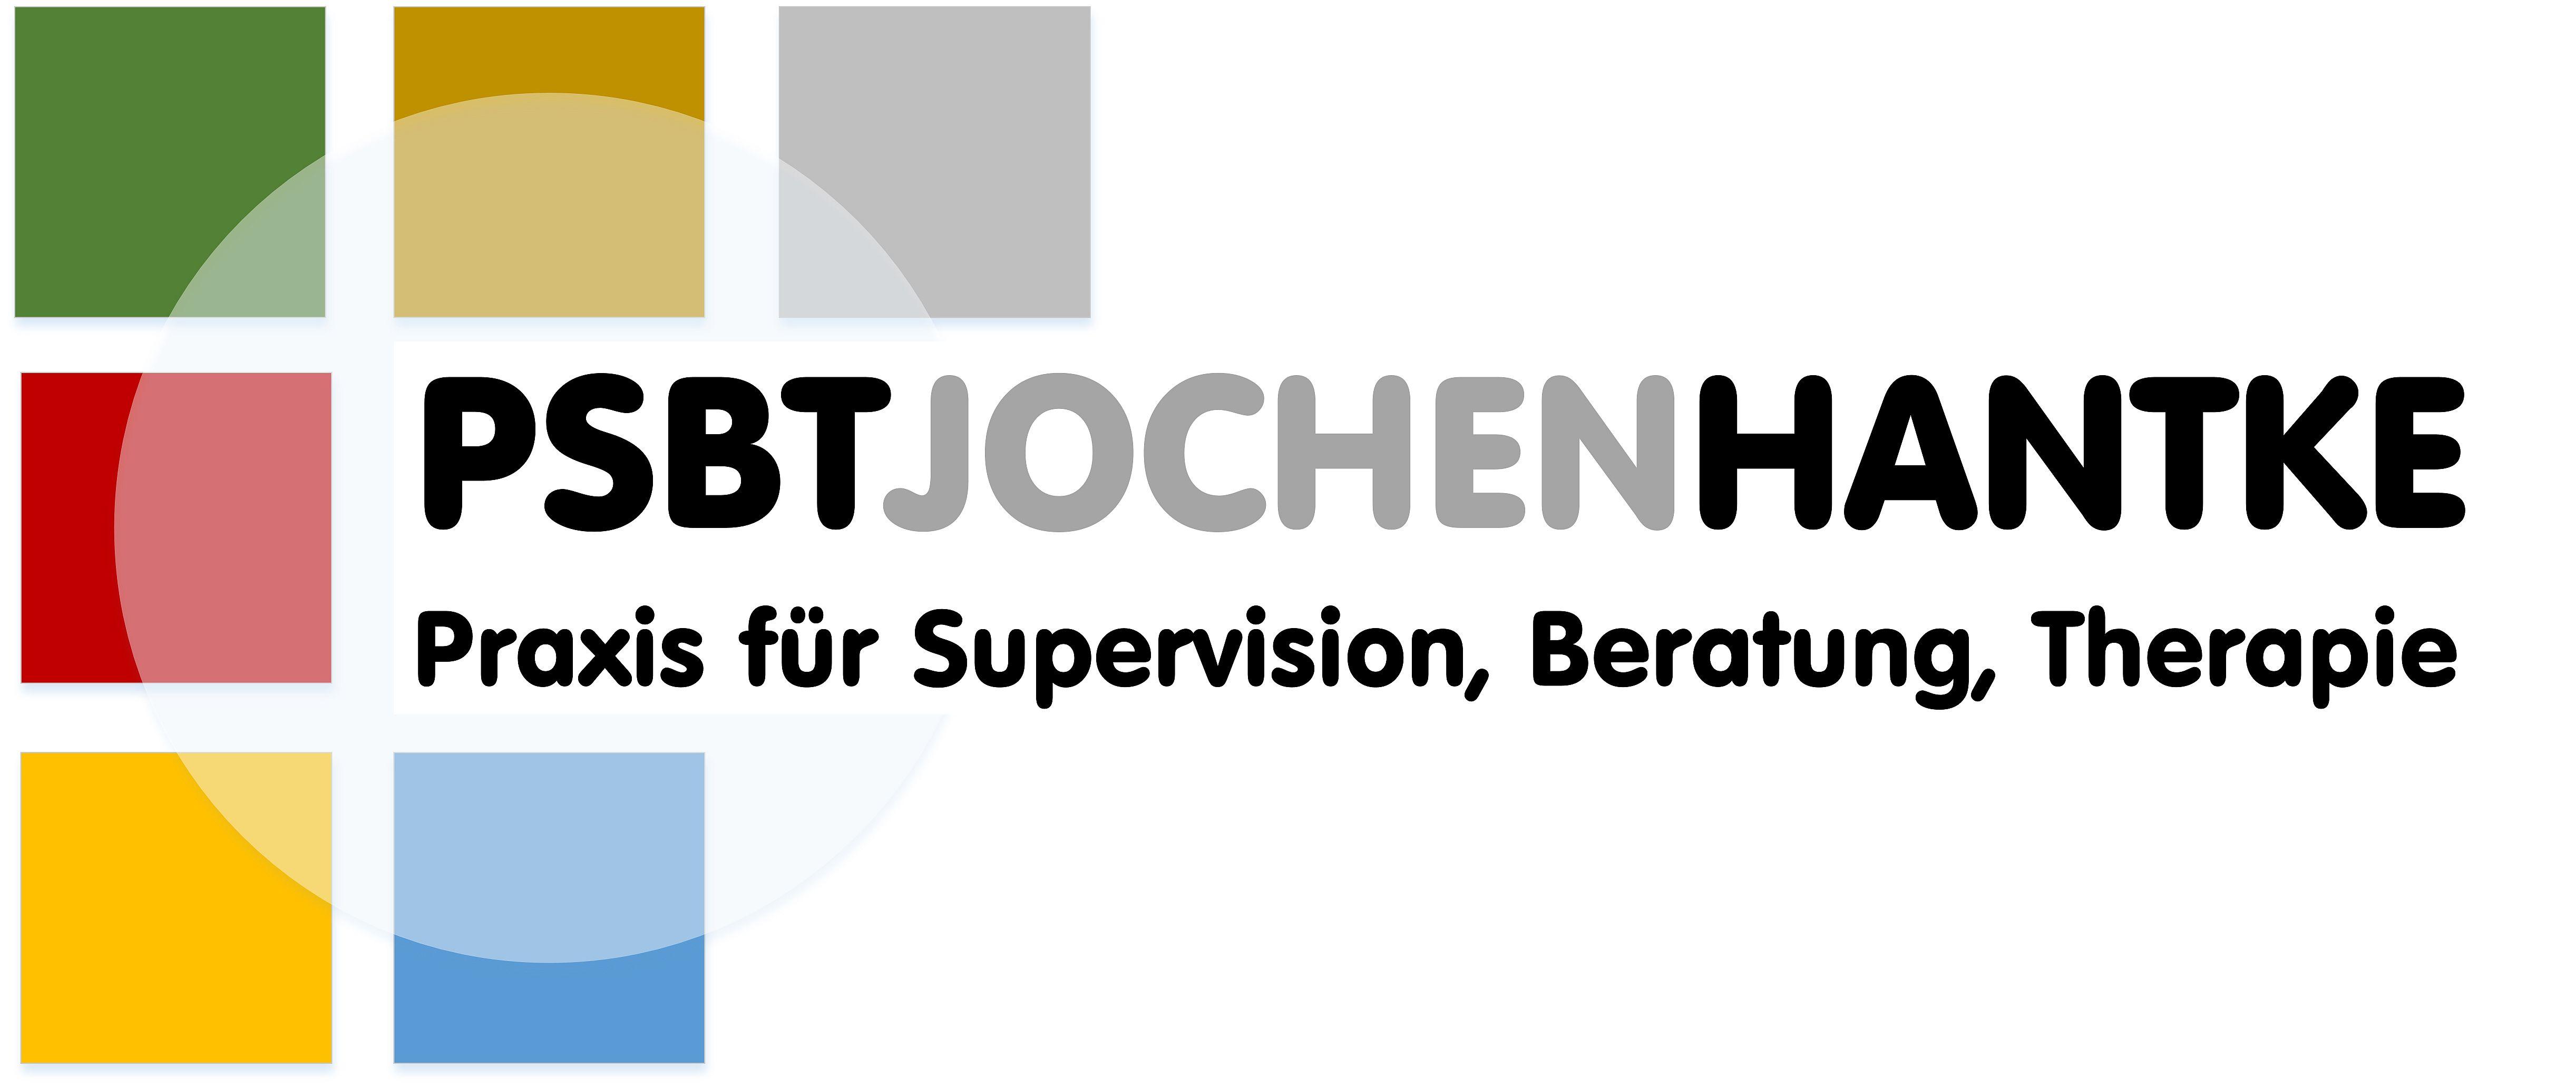 PSBT – Praxis Supervision, Beratung und Therapie – Jochen Hantke